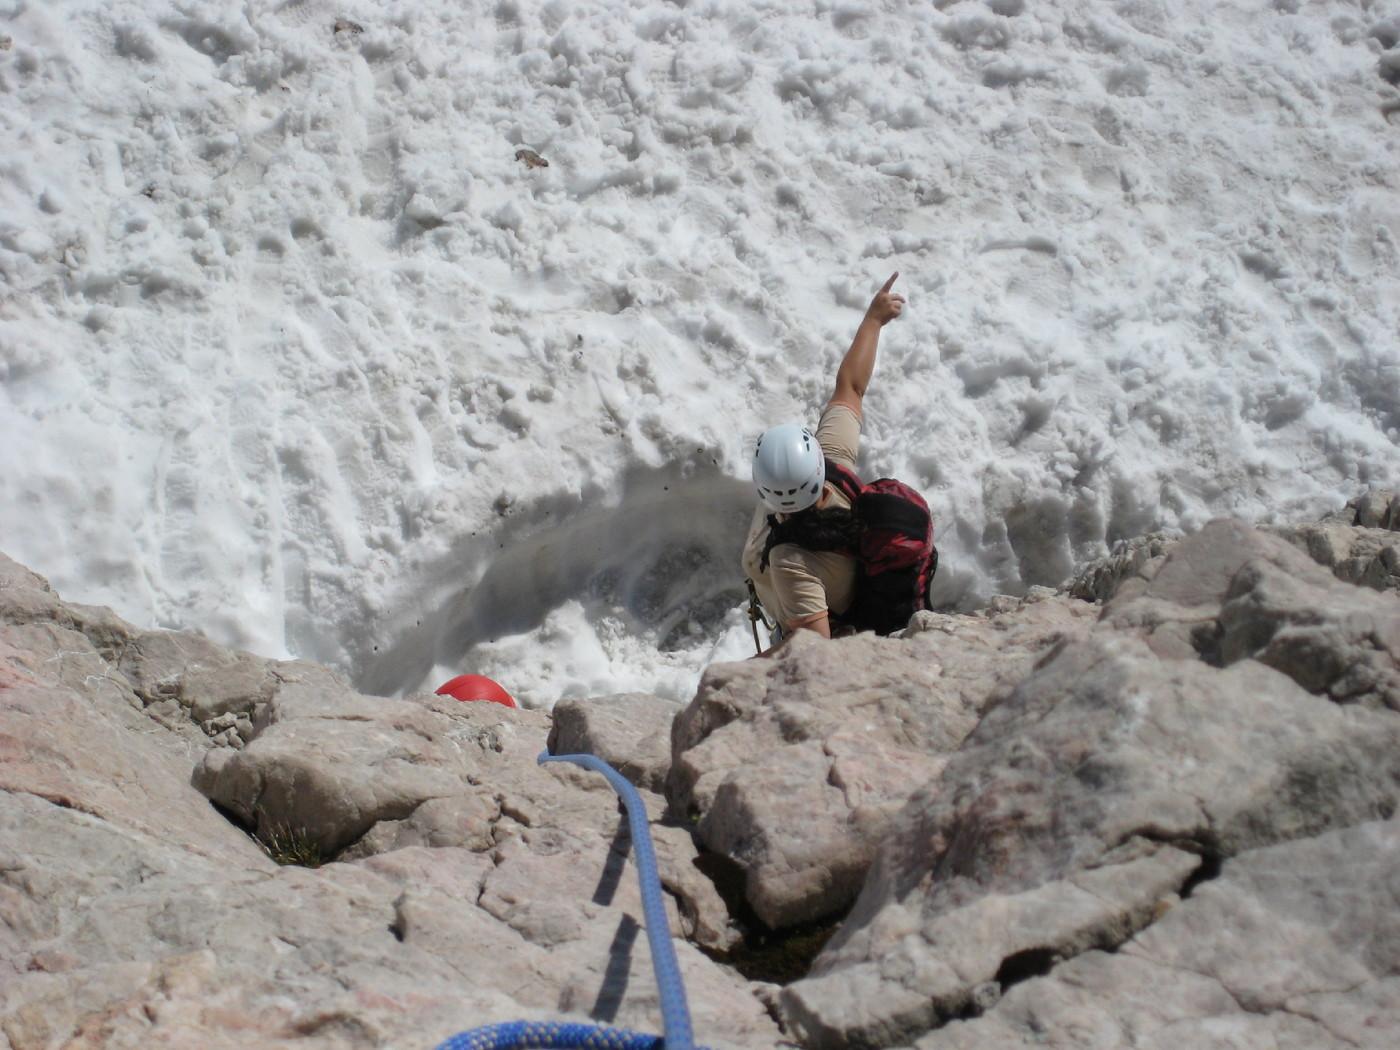 Klettersteig Dachstein : Dachstein m klettersteig dachsteingebirge